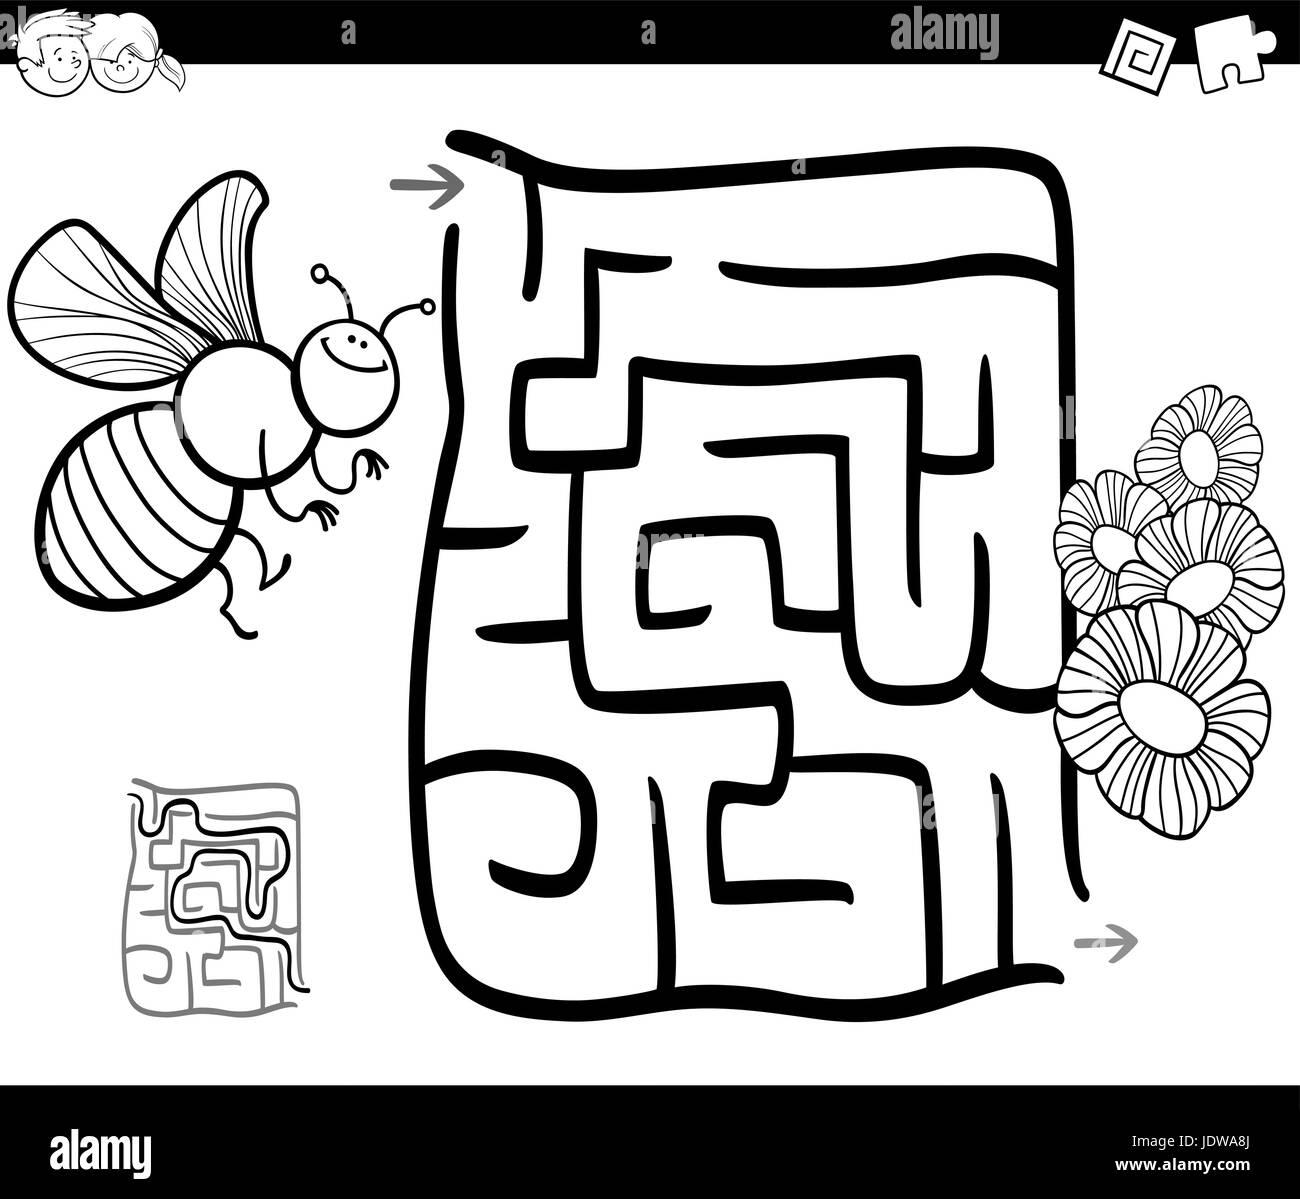 Ilustracion Caricatura En Blanco Y Negro De La Educacion Laberinto